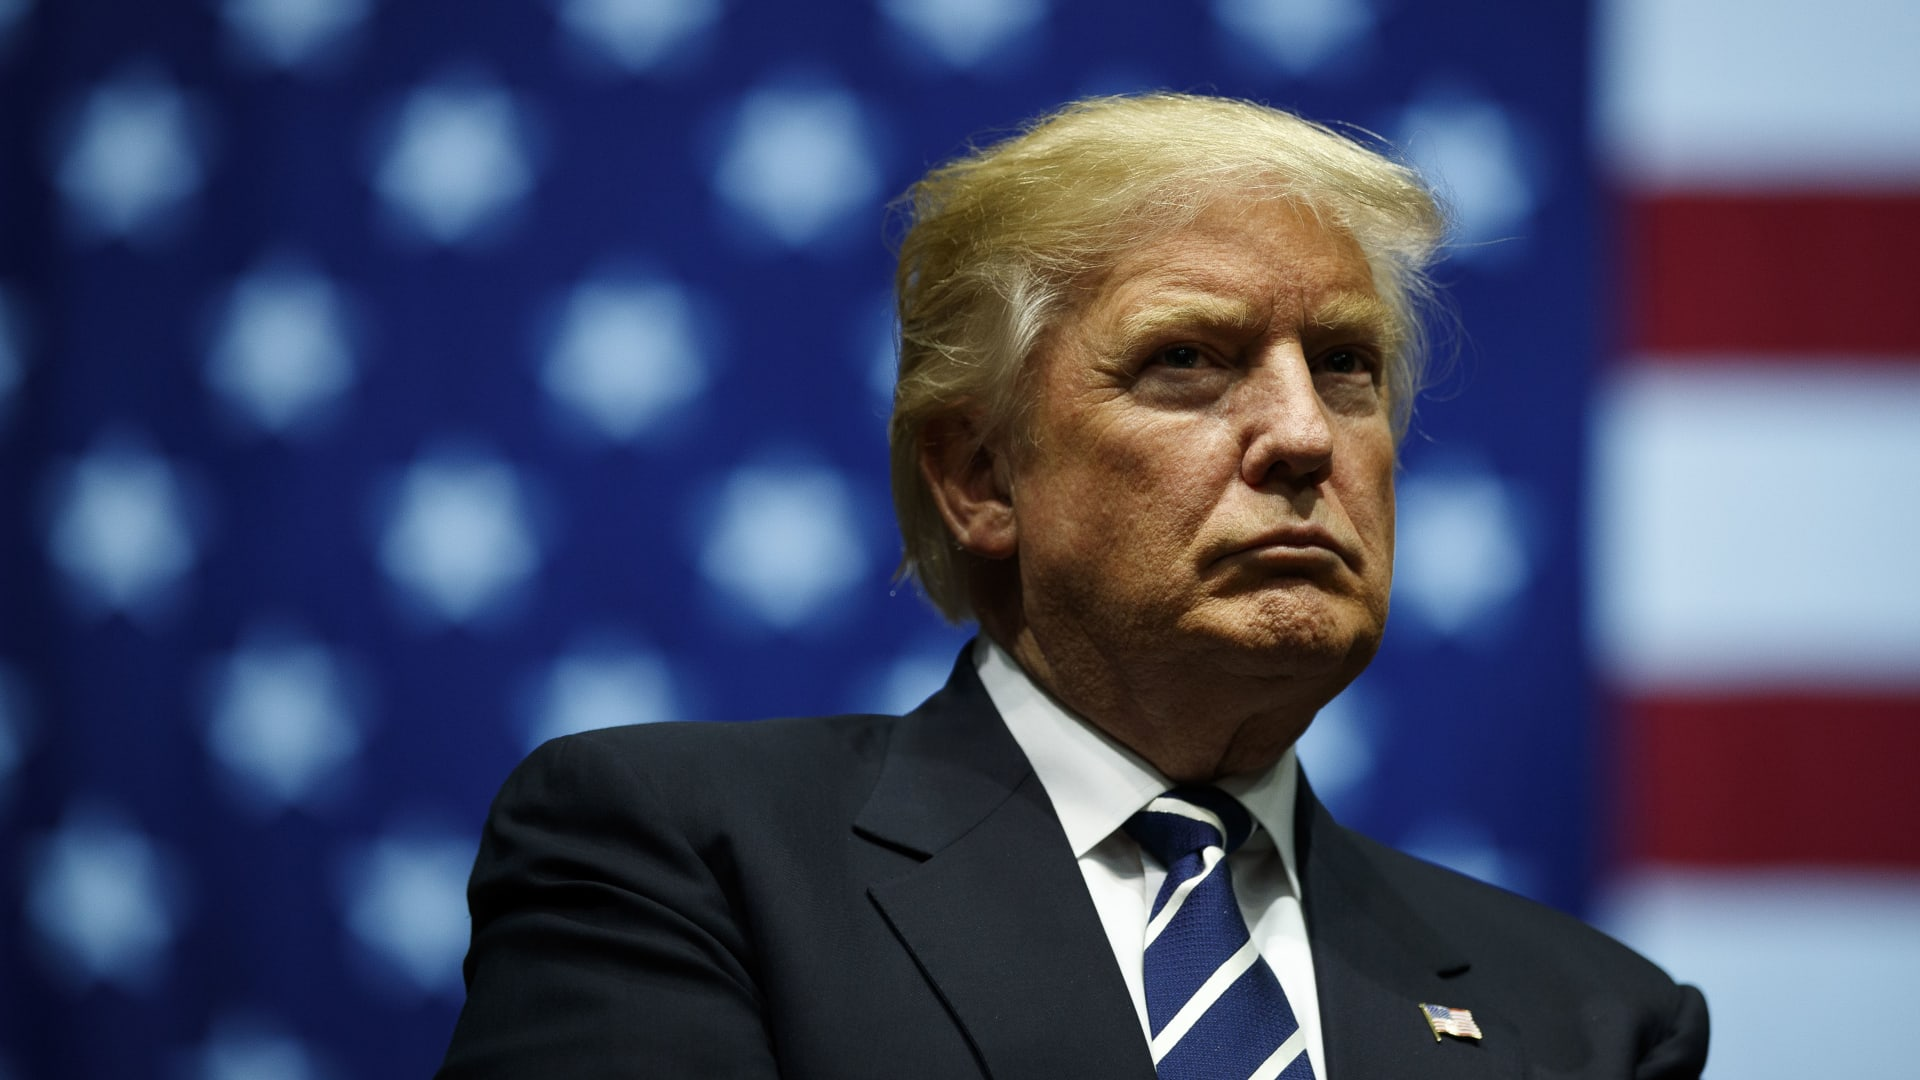 ترامب ينفي اتهامه باغتصاب كاتبة أمريكية قبل أكثر من 20 عاما